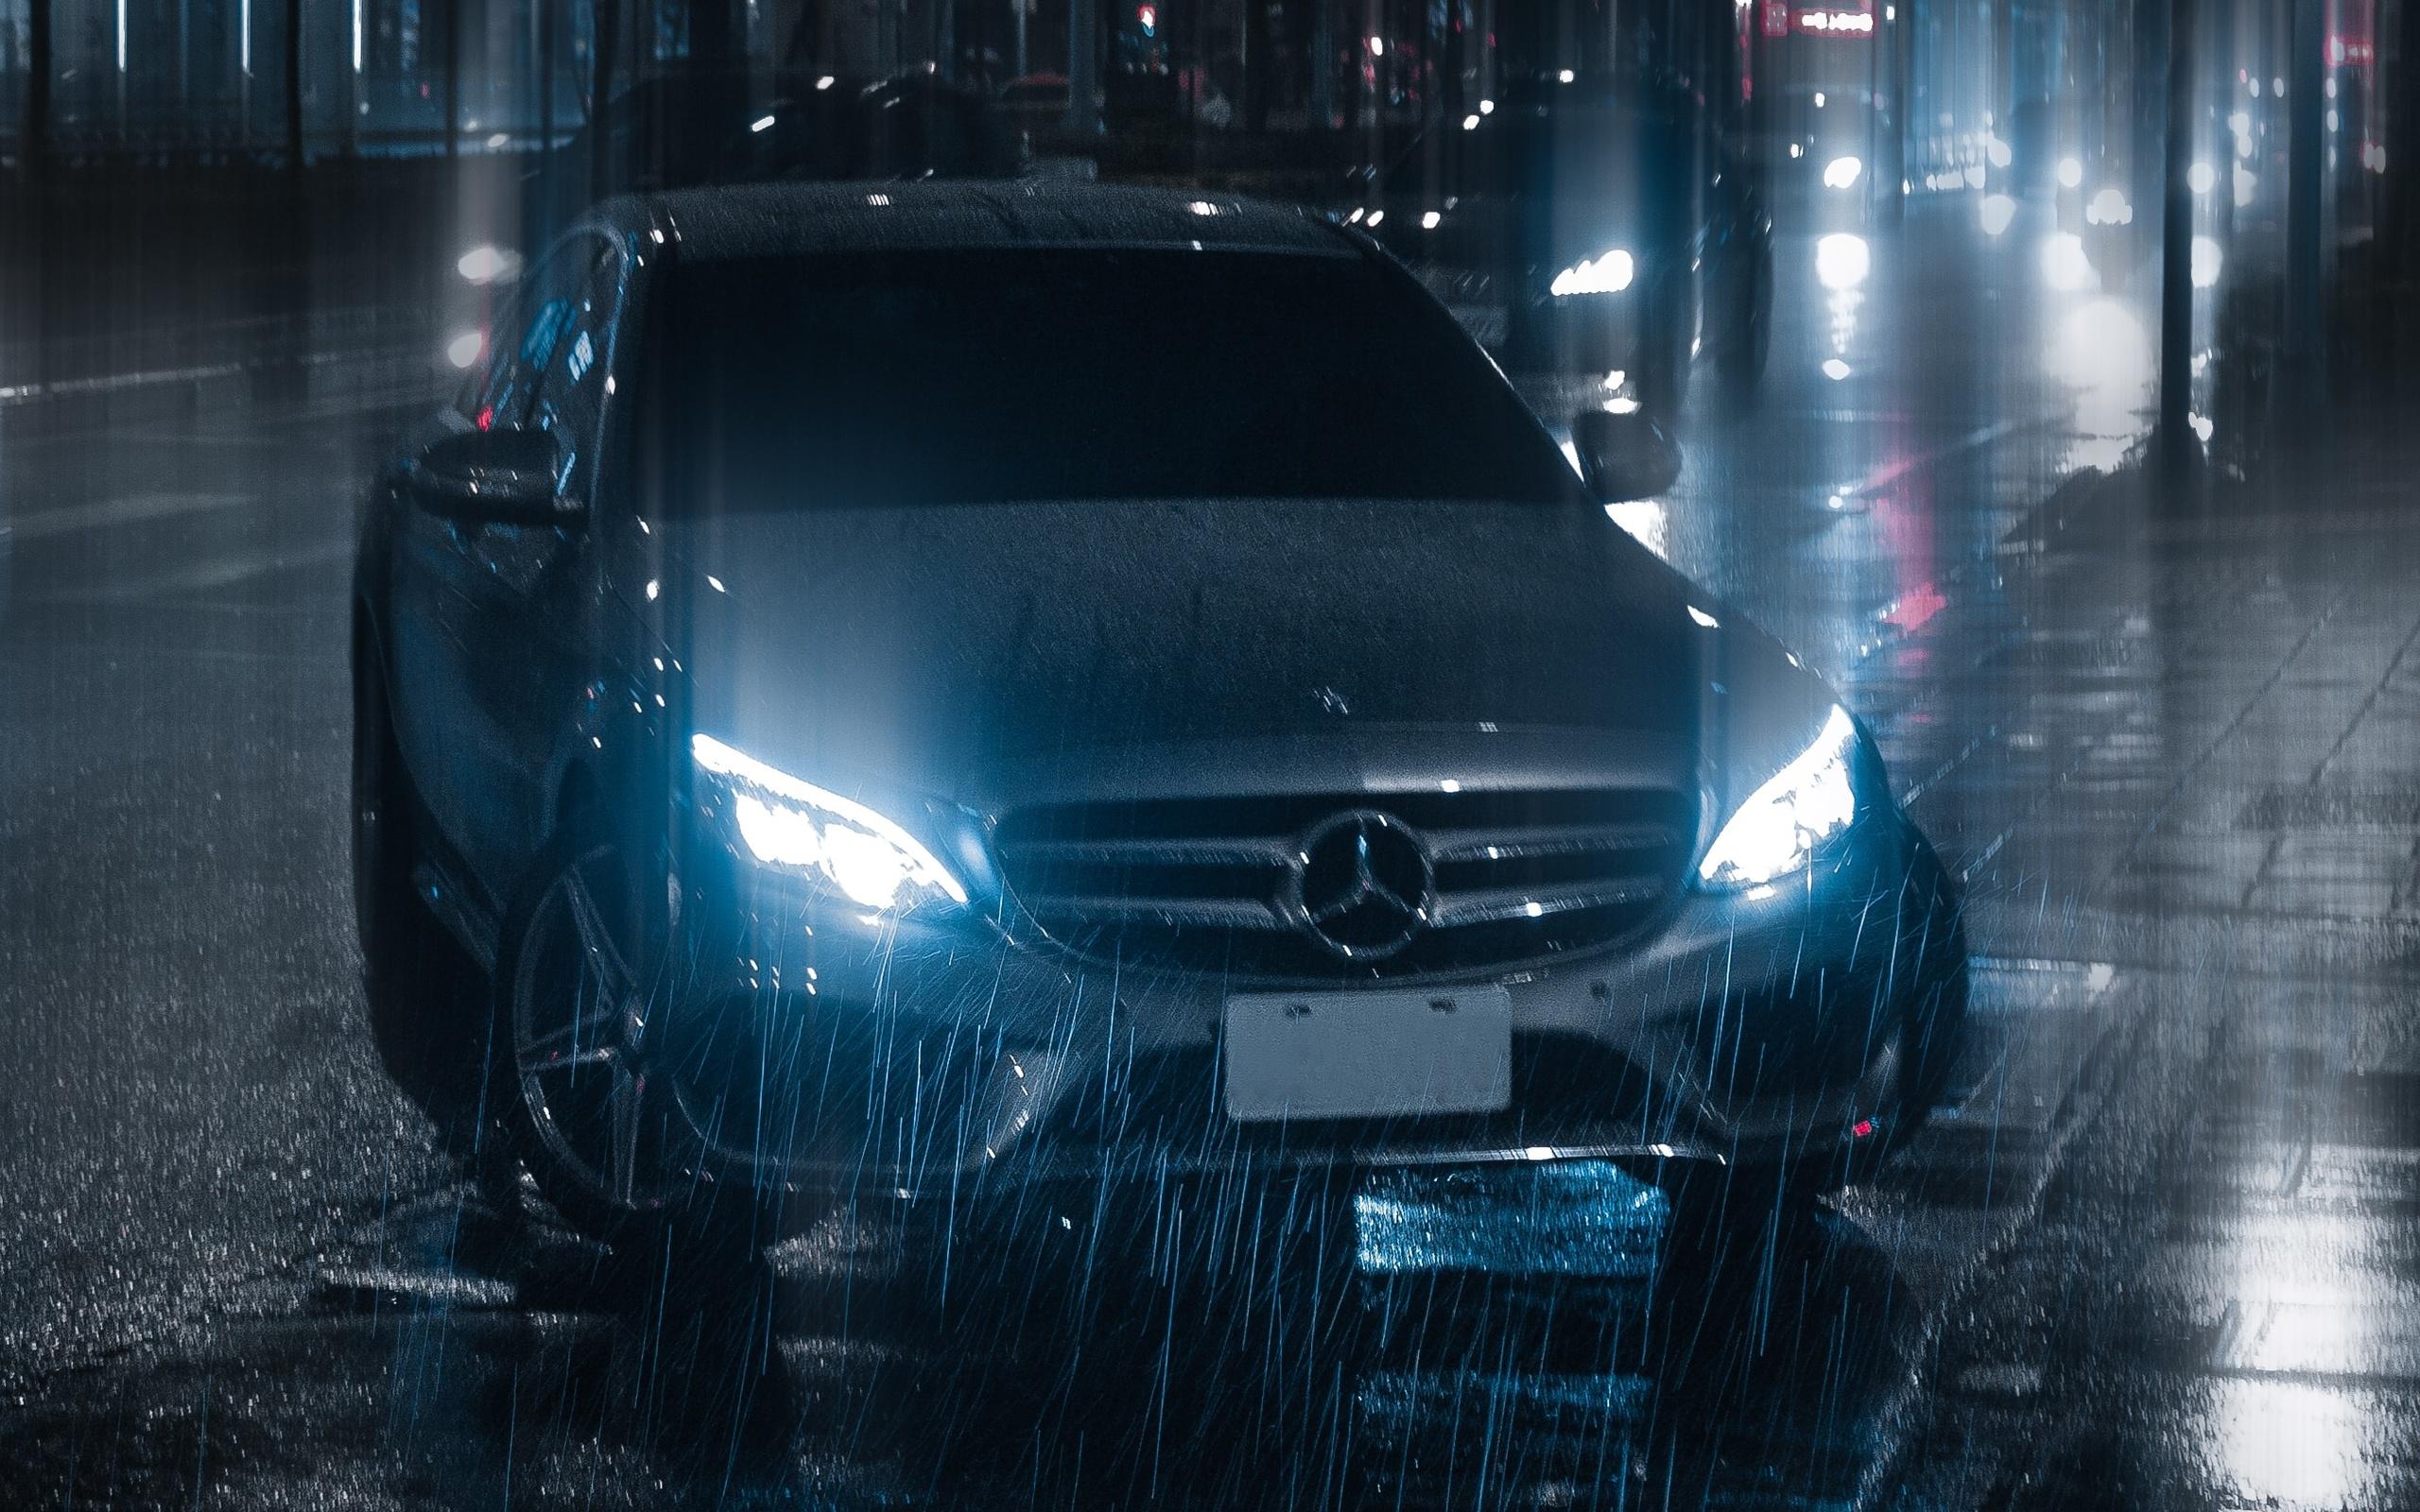 ежедневной суете картинки машин под дождем котором основной